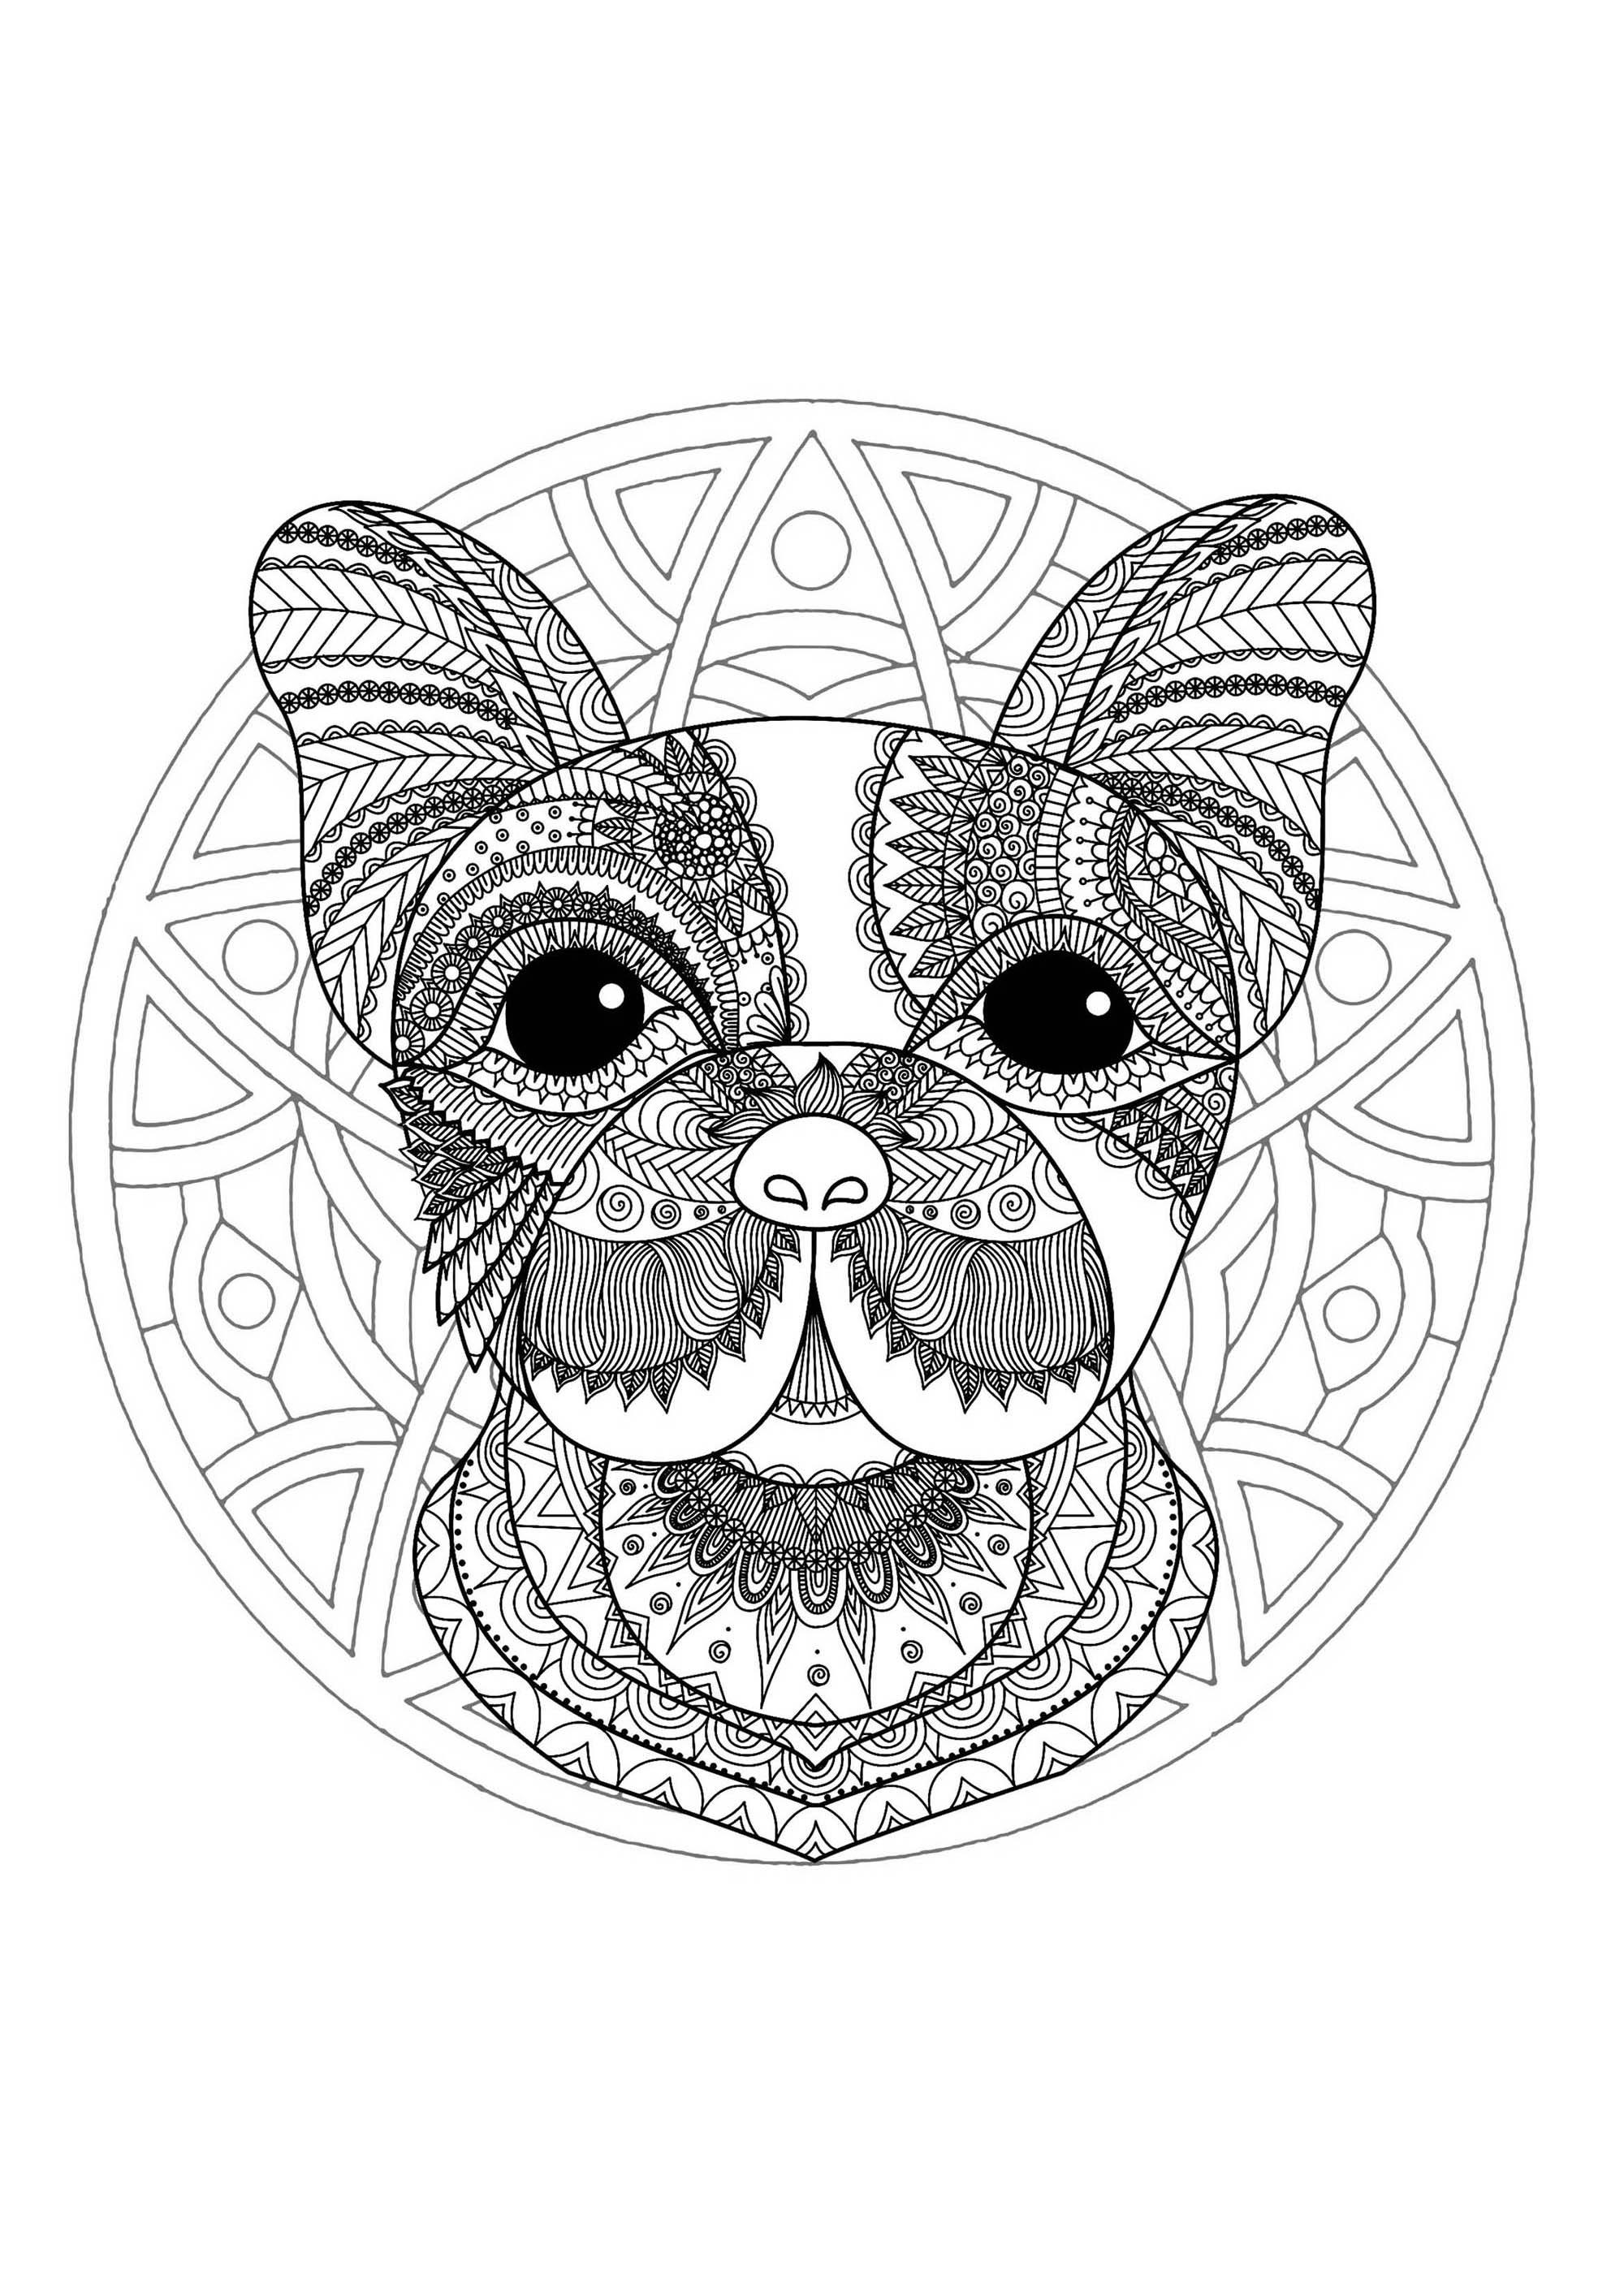 mandala tete chien 1 mandalas coloriages difficiles pour adultes. Black Bedroom Furniture Sets. Home Design Ideas